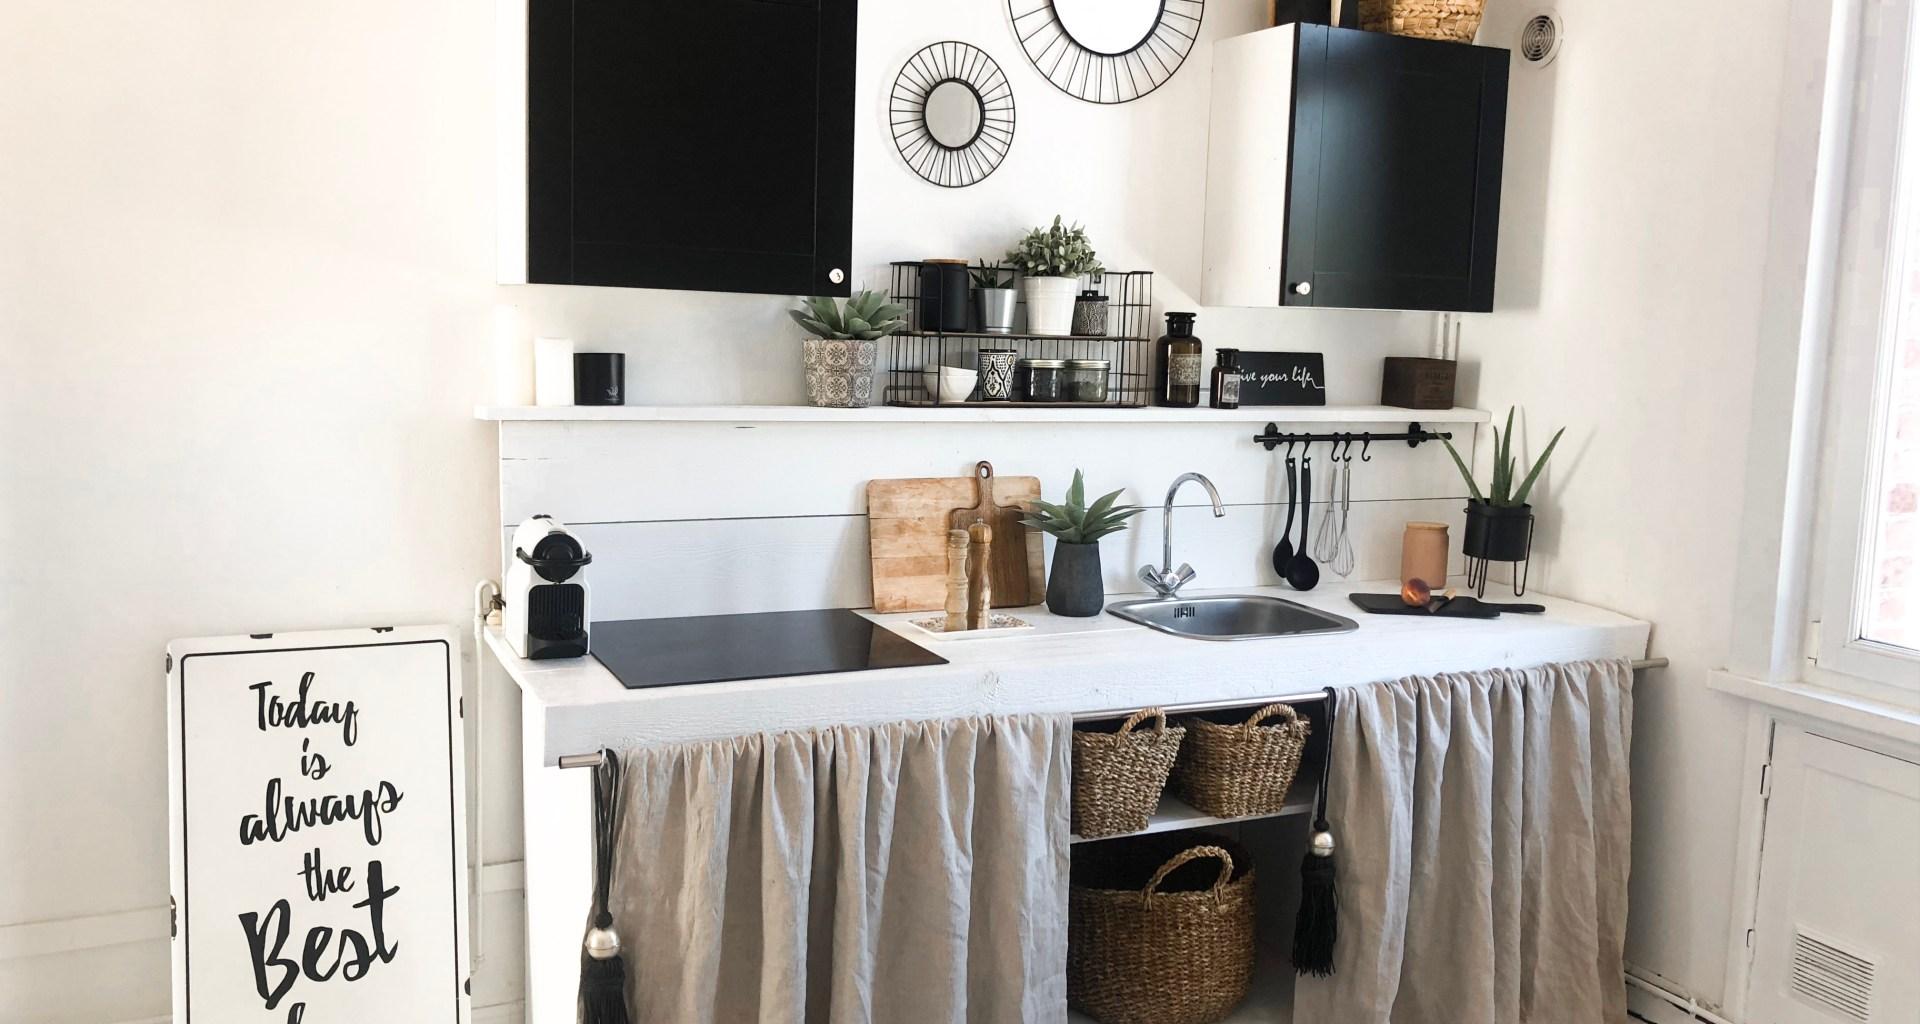 Comment créer sois-même sa cuisine pas cher et en 14h : Do It Yourself